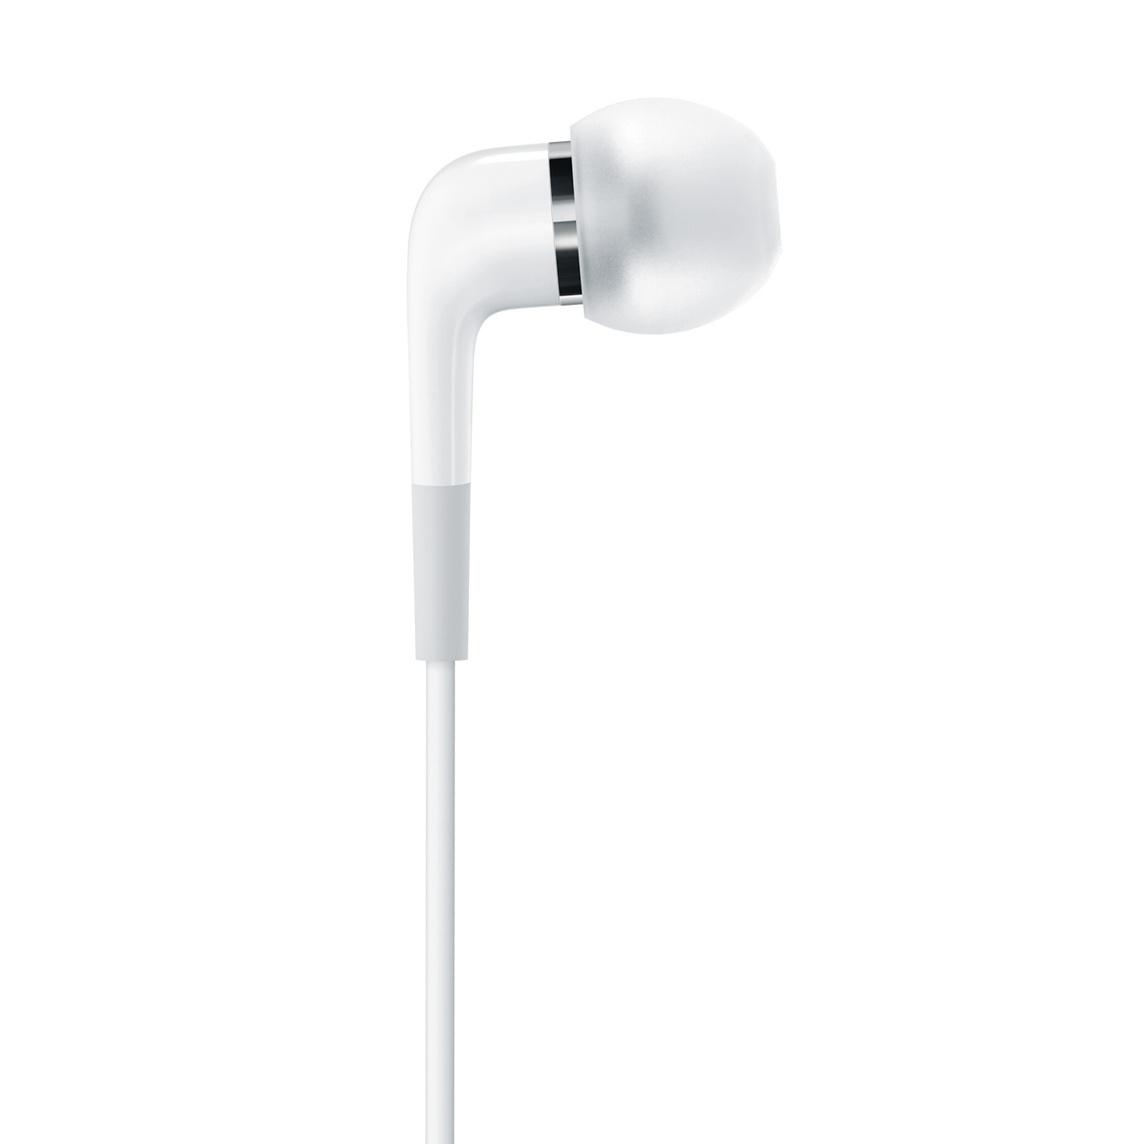 Buy Apple EarPods In Ear Headphones